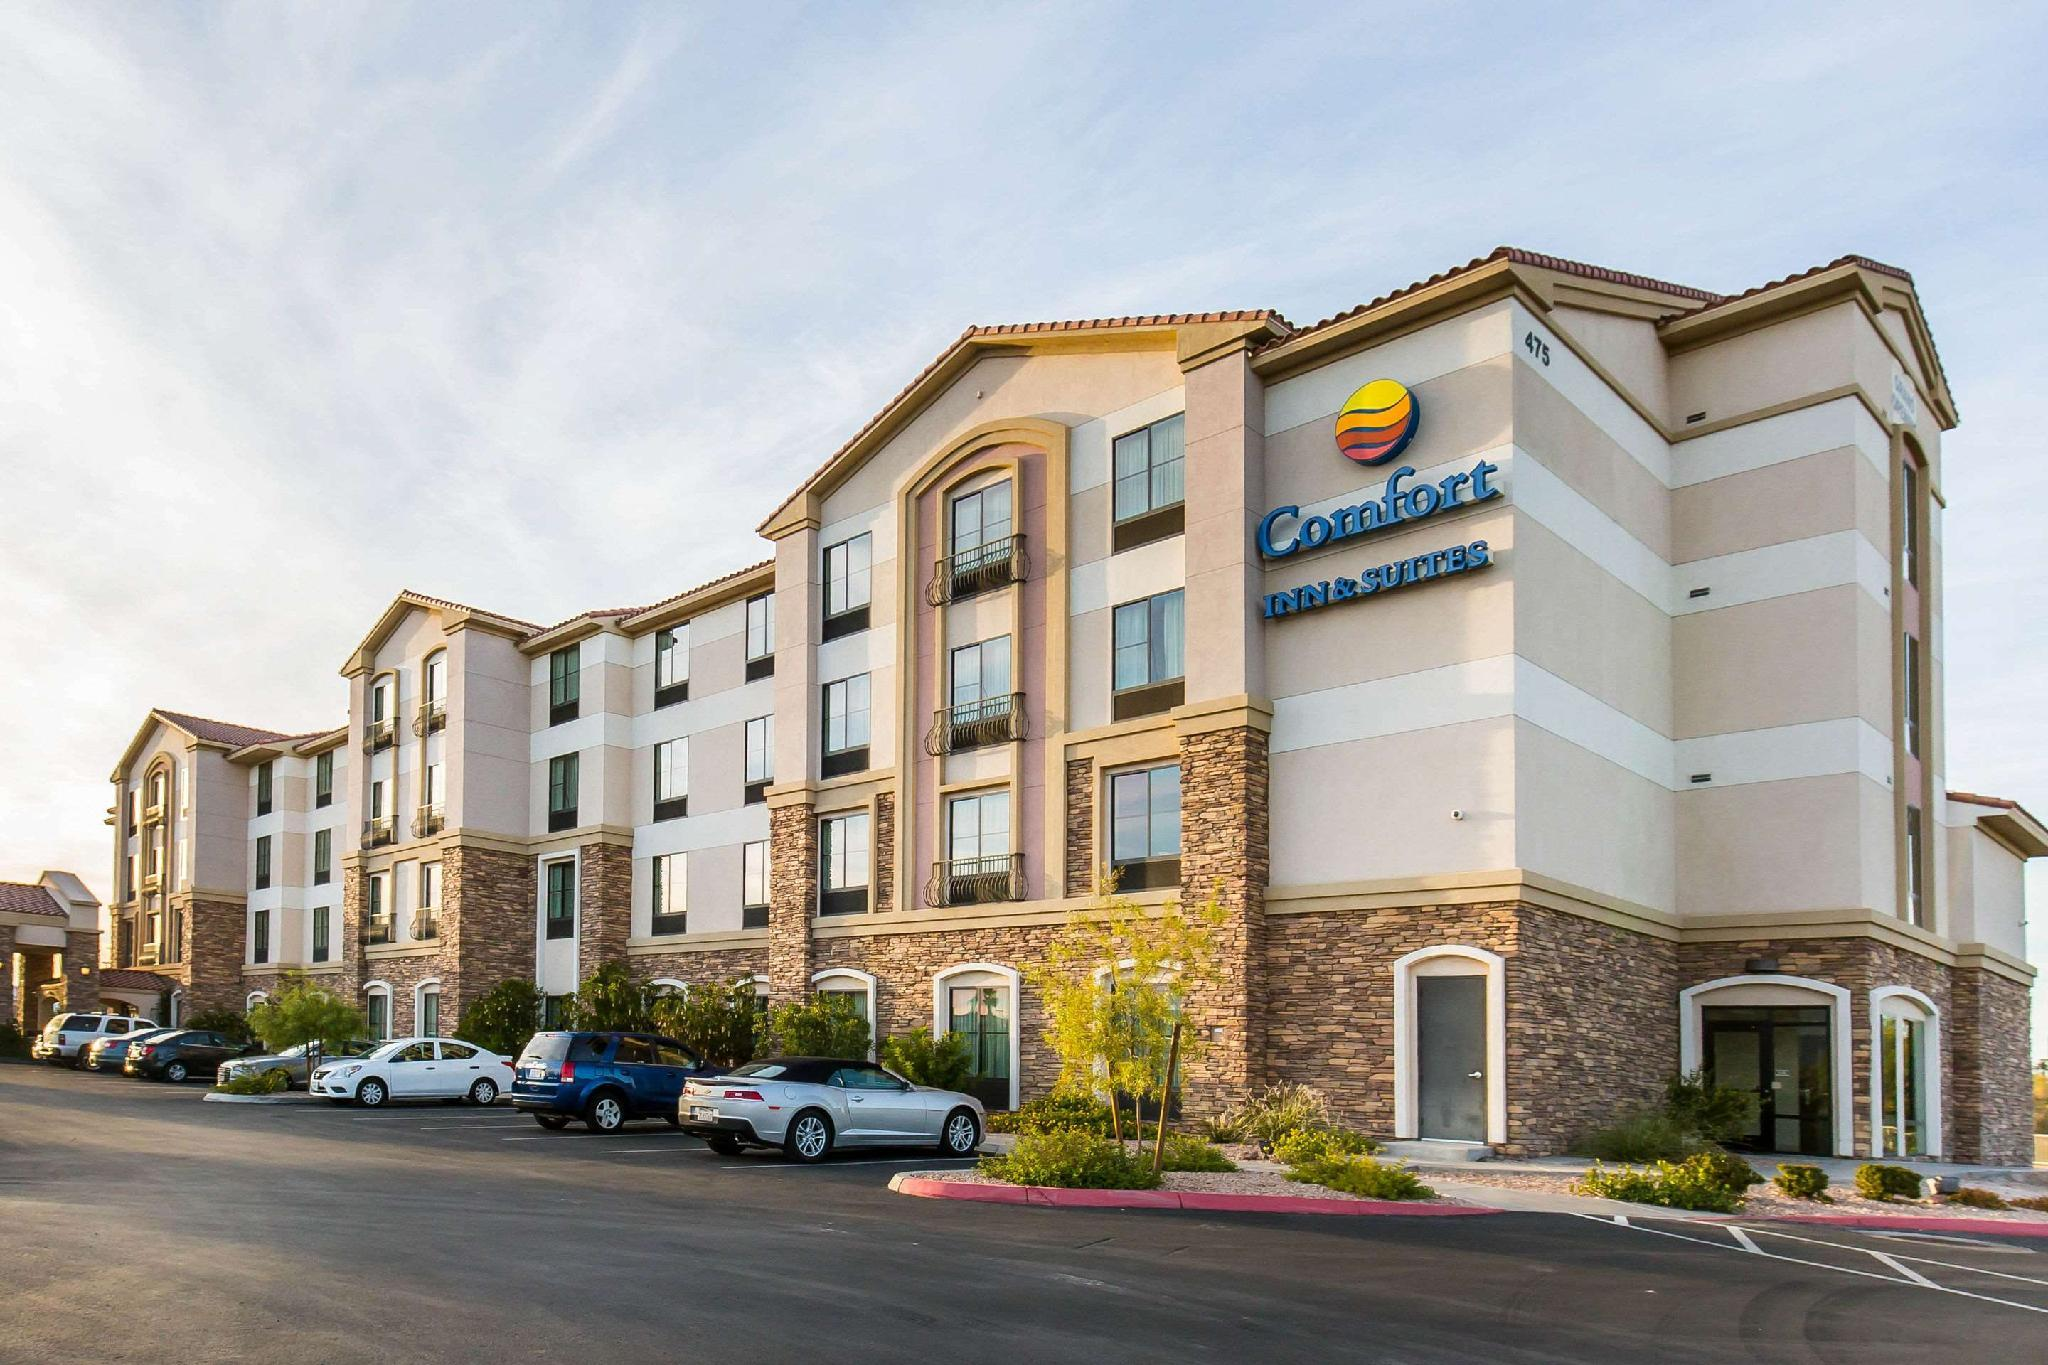 Comfort Inn And Suites Henderson   Las Vegas